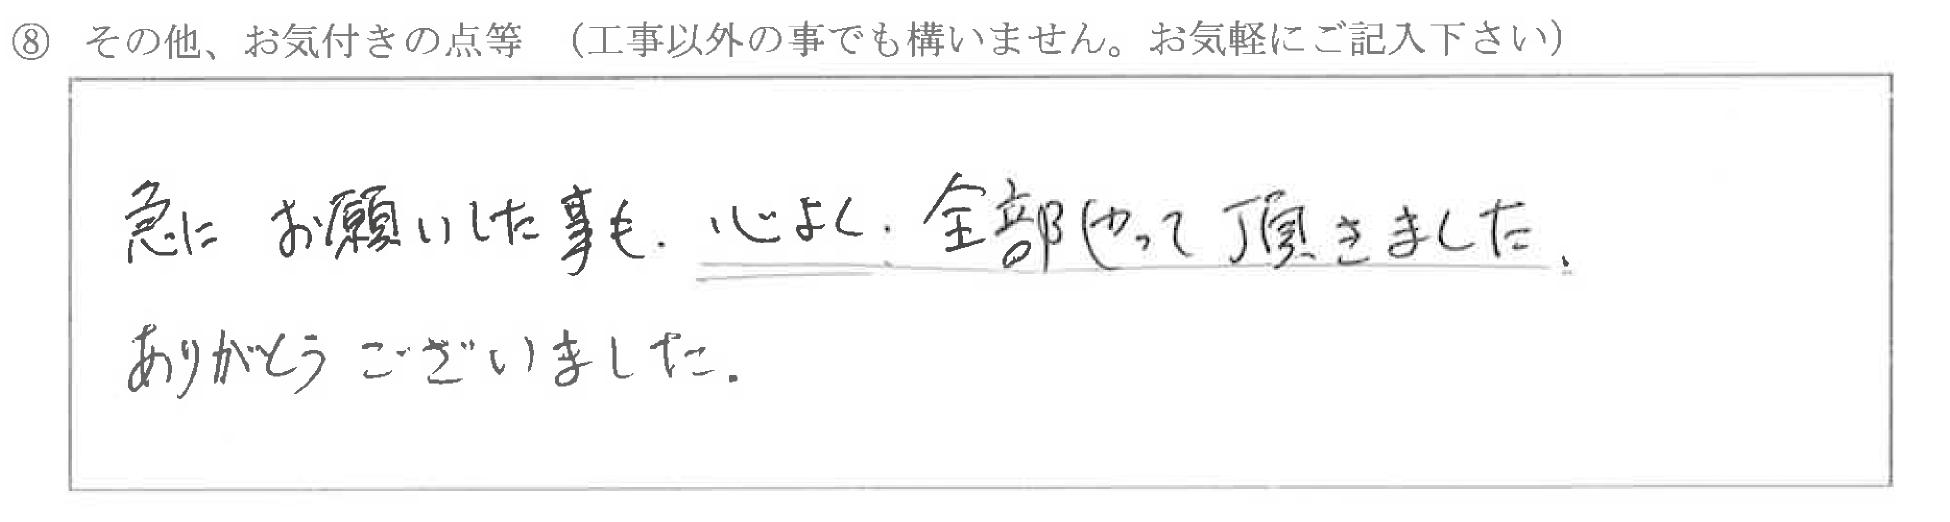 石川県白山市S様に頂いた外装工事についてのお気づきの点がありましたら、お聞かせ下さい。というご質問について「外装工事【  お喜びの声  】」というお声についての画像